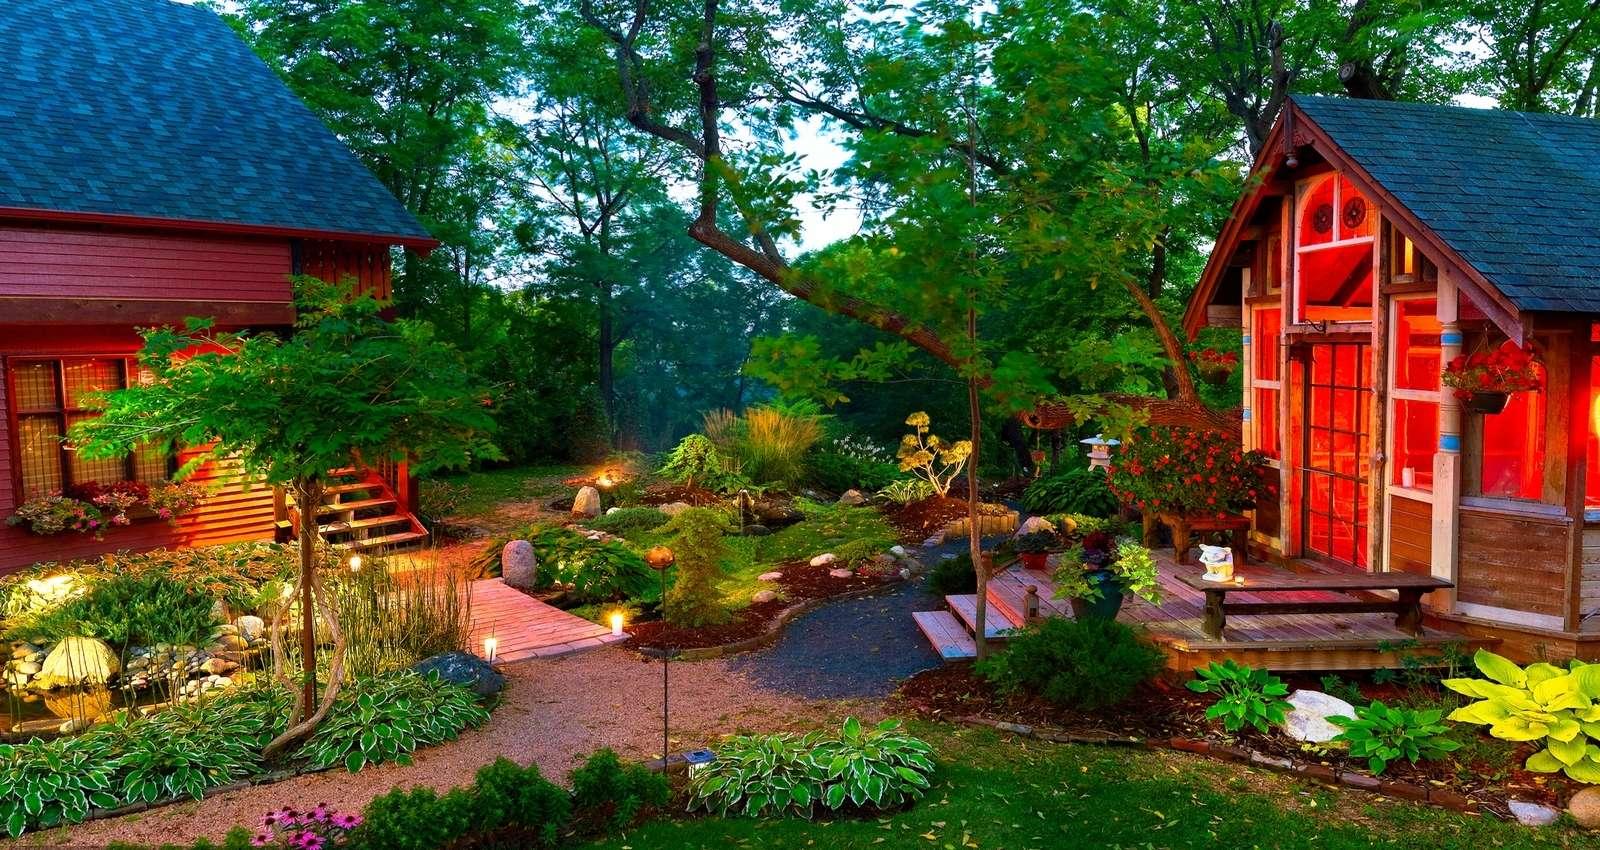 Hus med trädgård - färgglada pussel (10×10)